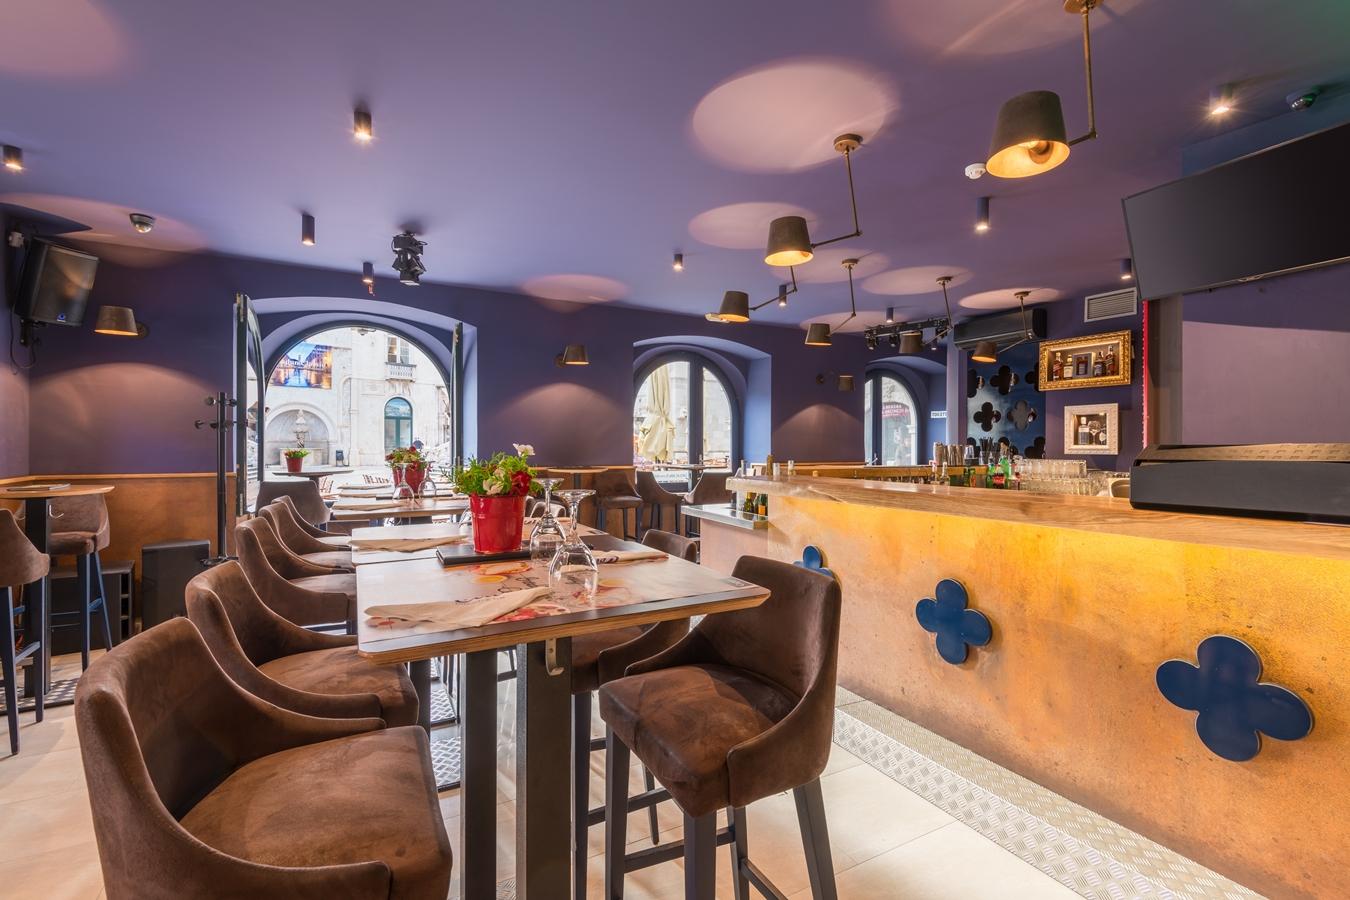 cele dubrovnik interior bar tables